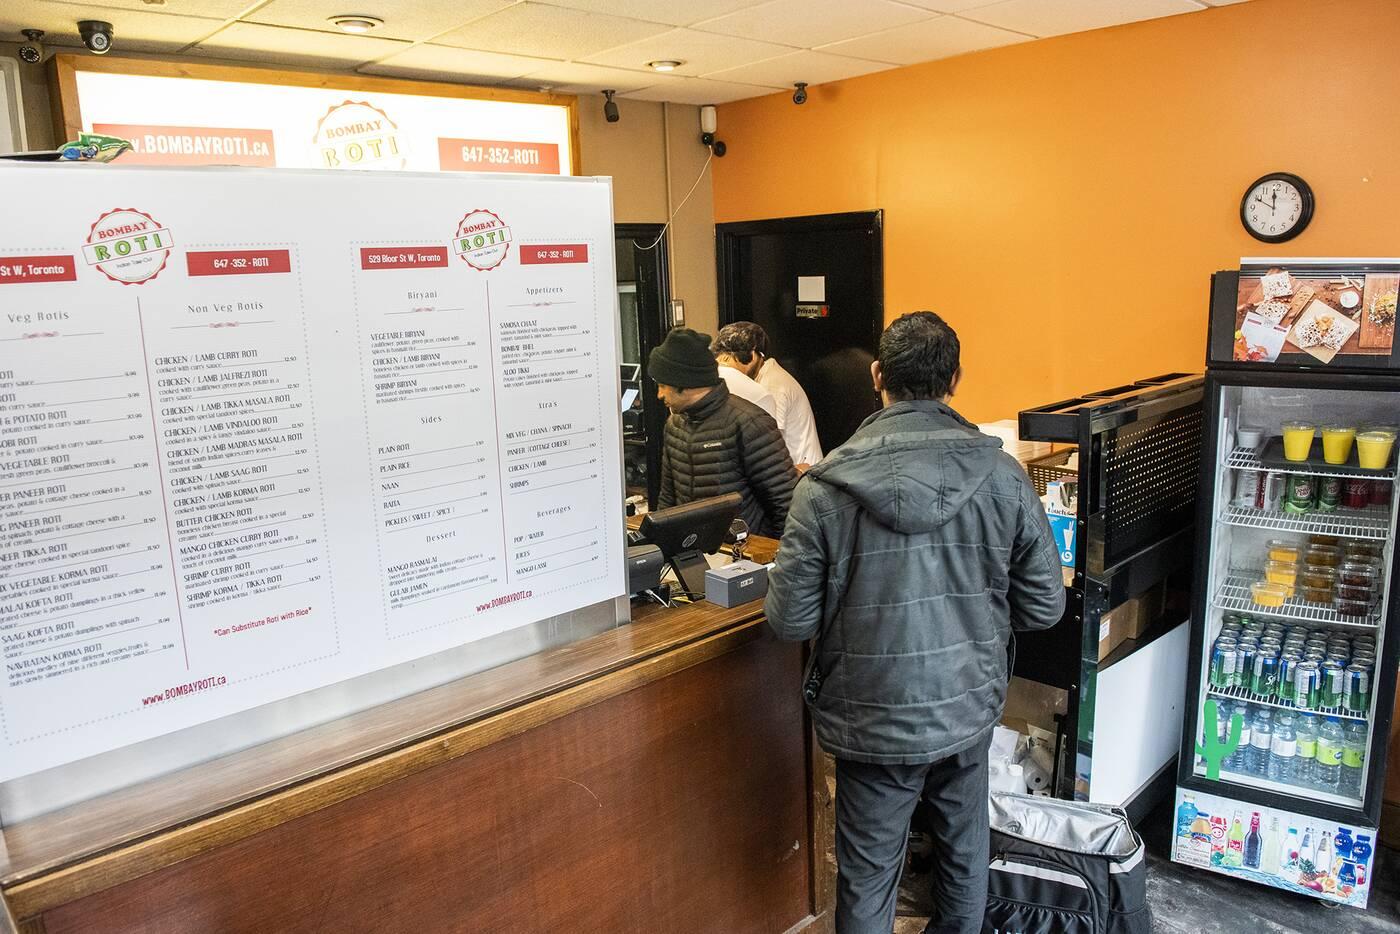 Bombay Roti Toronto